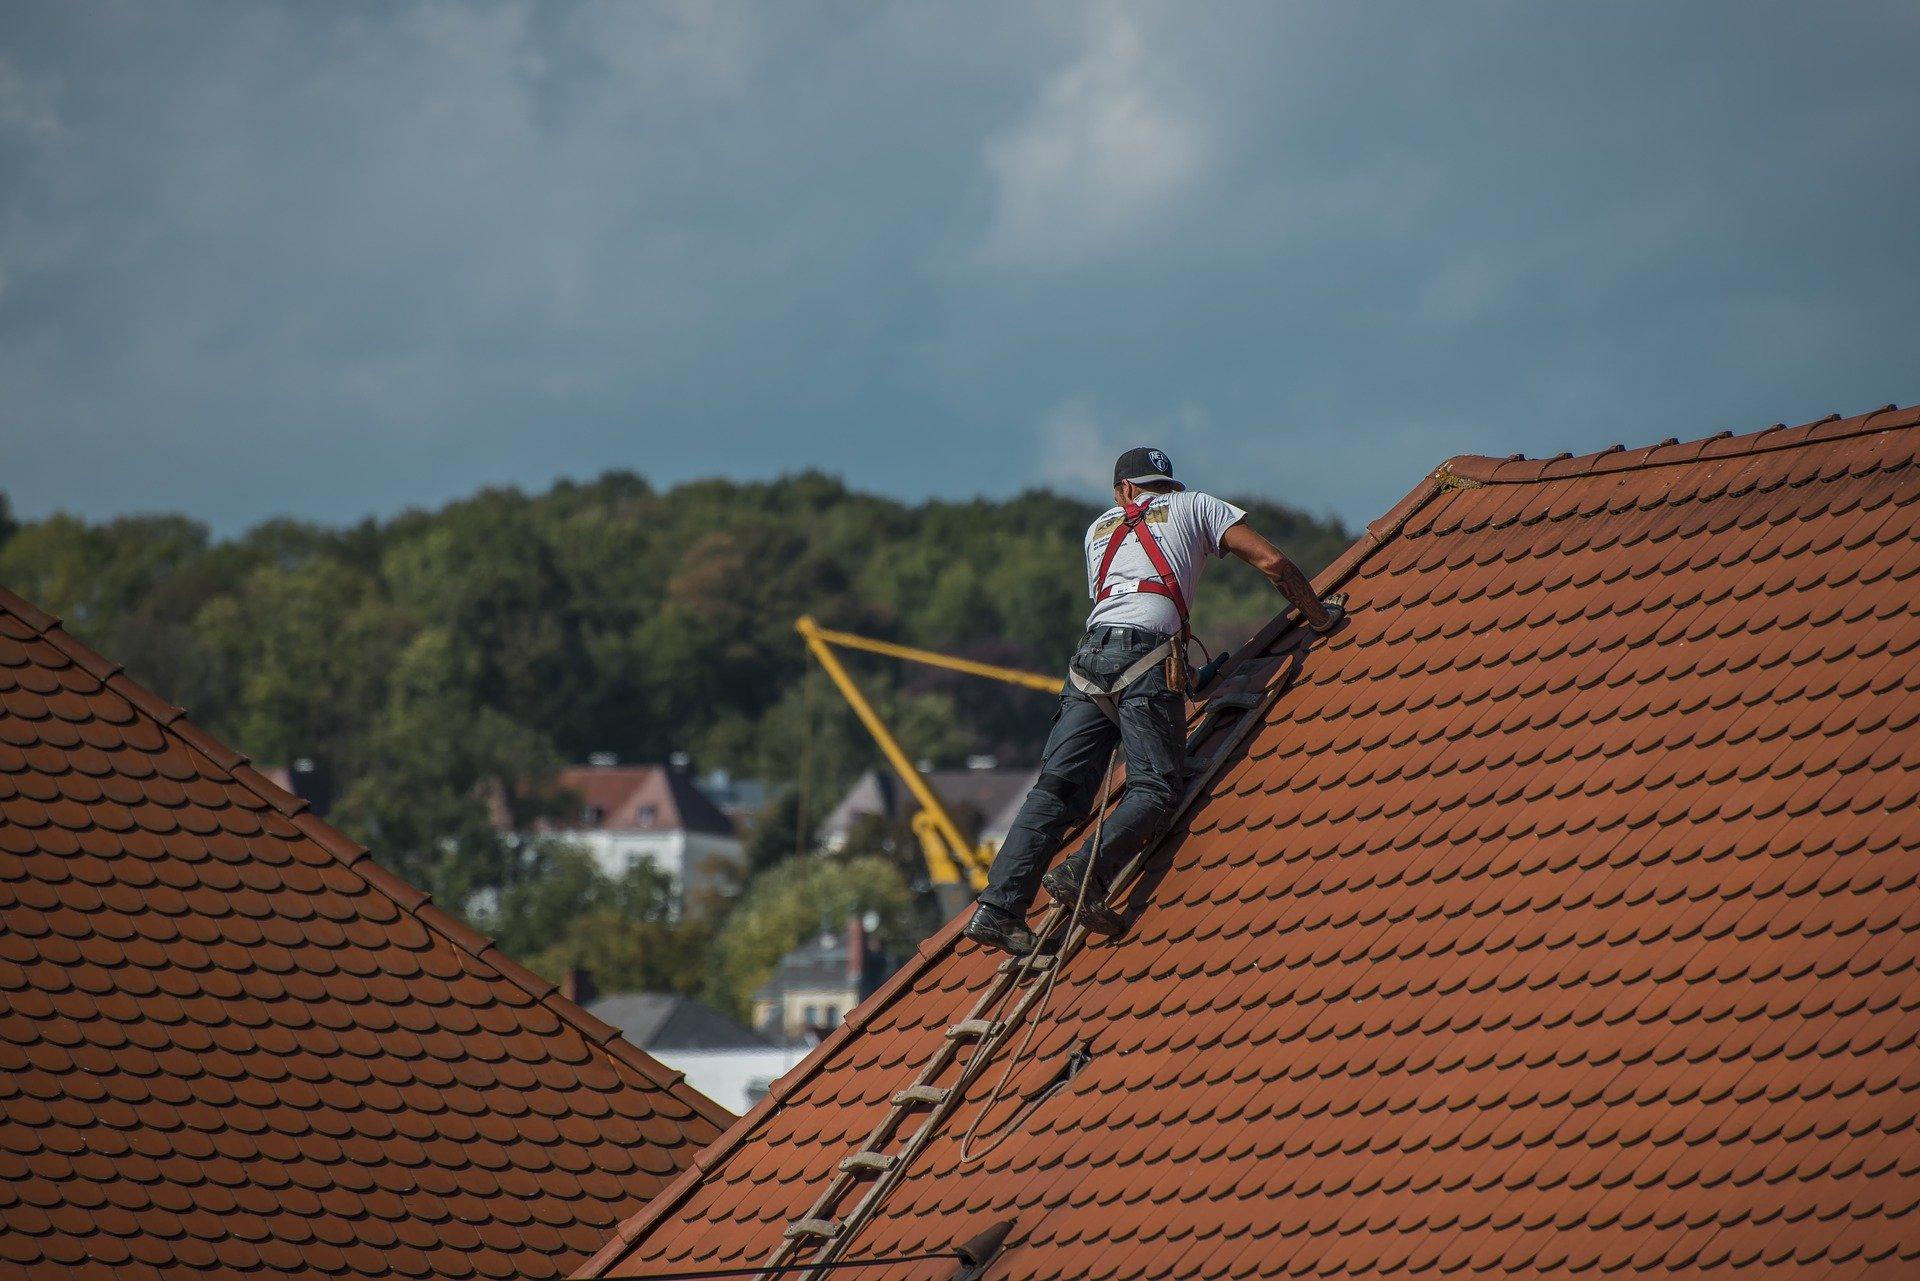 Entretenir vos toitures avant la saison hivernale